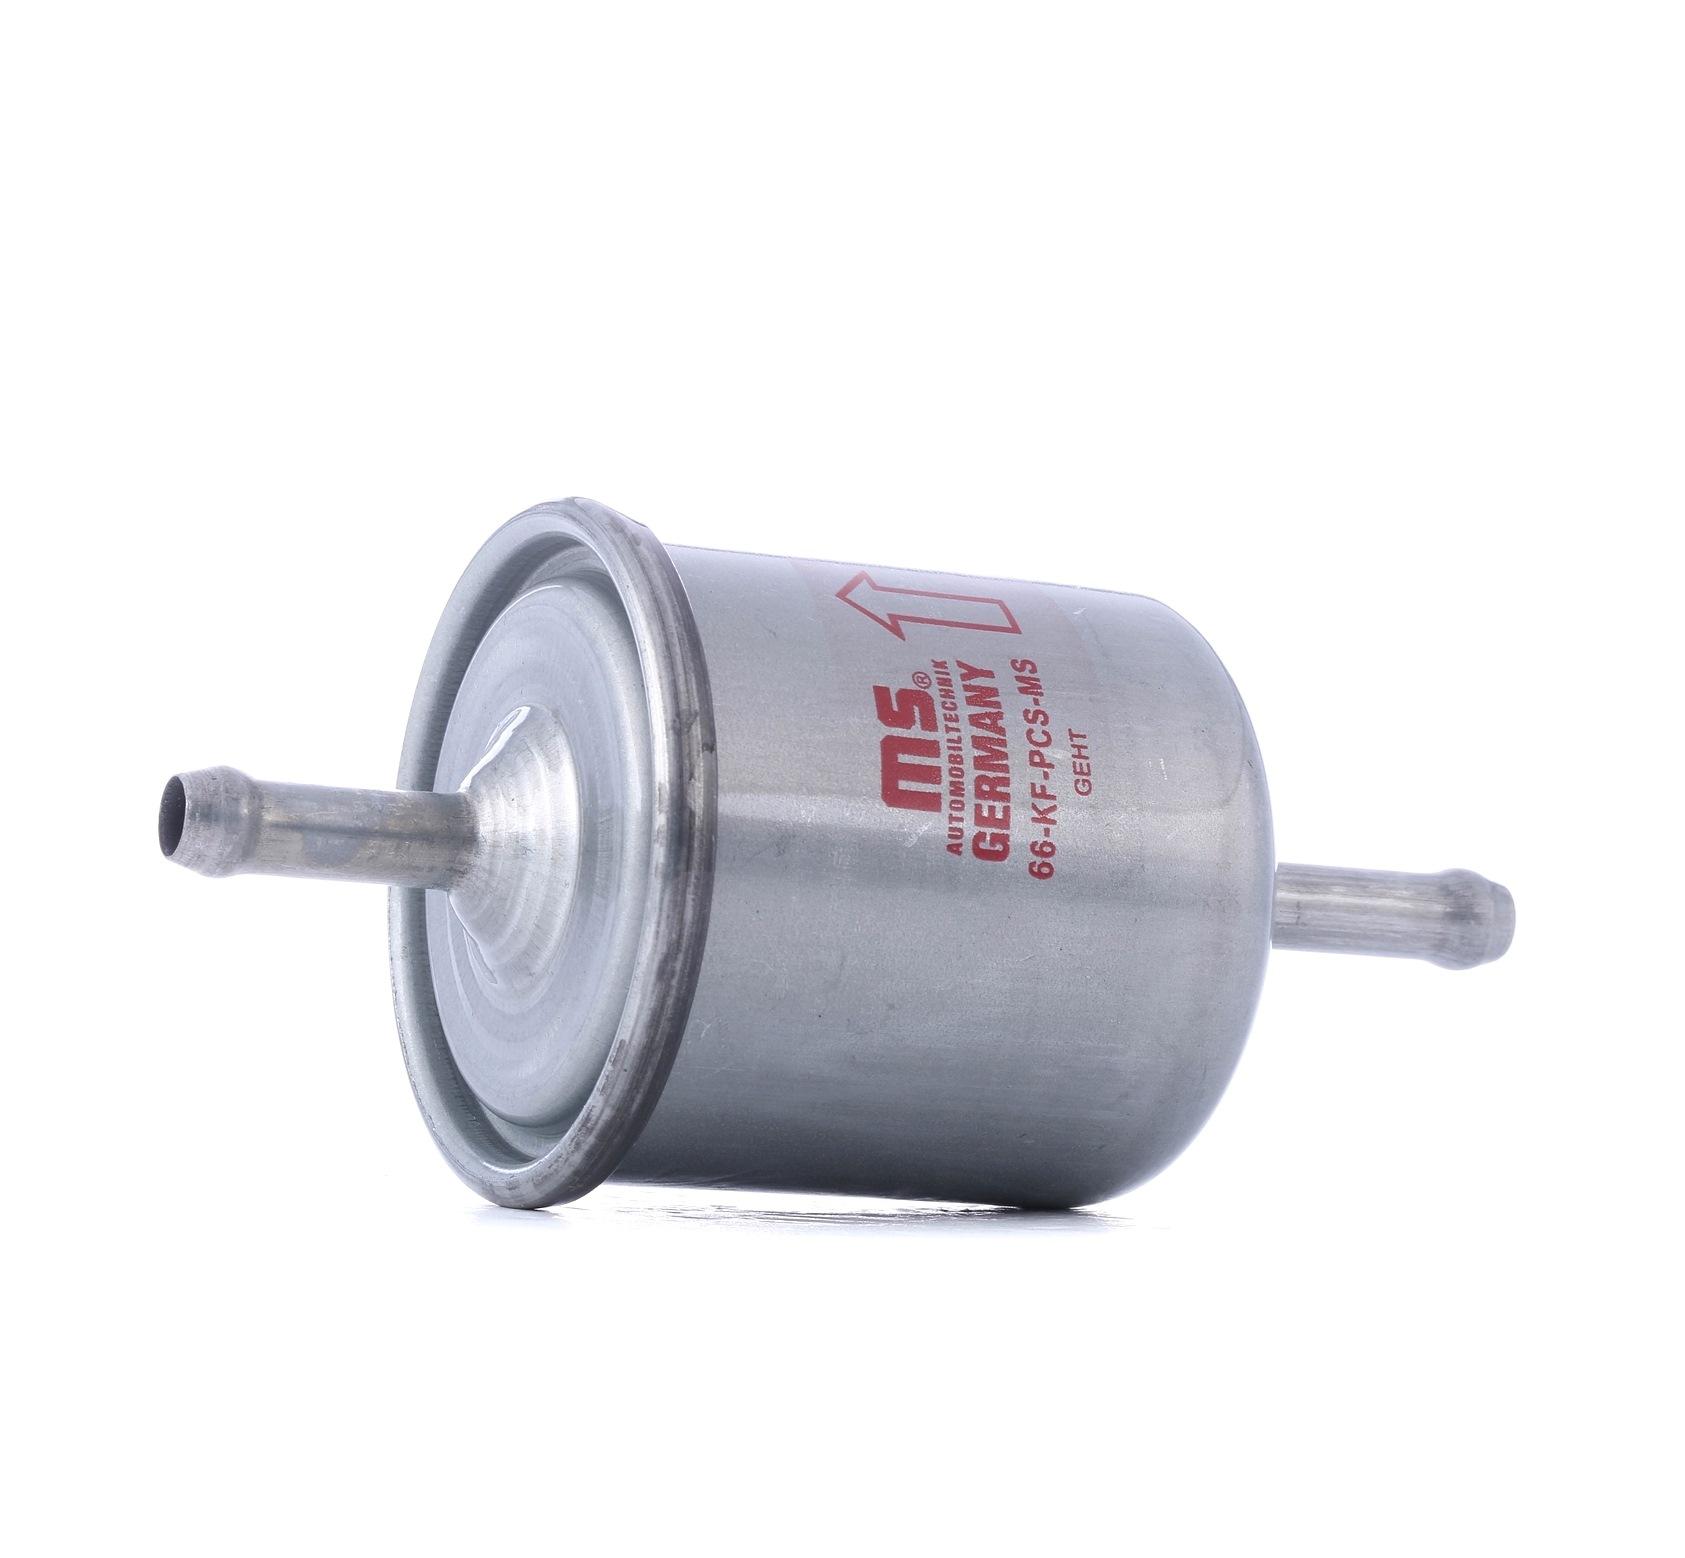 ISUZU Filtre à carburant d'Origine 66-KF-PCS-MS